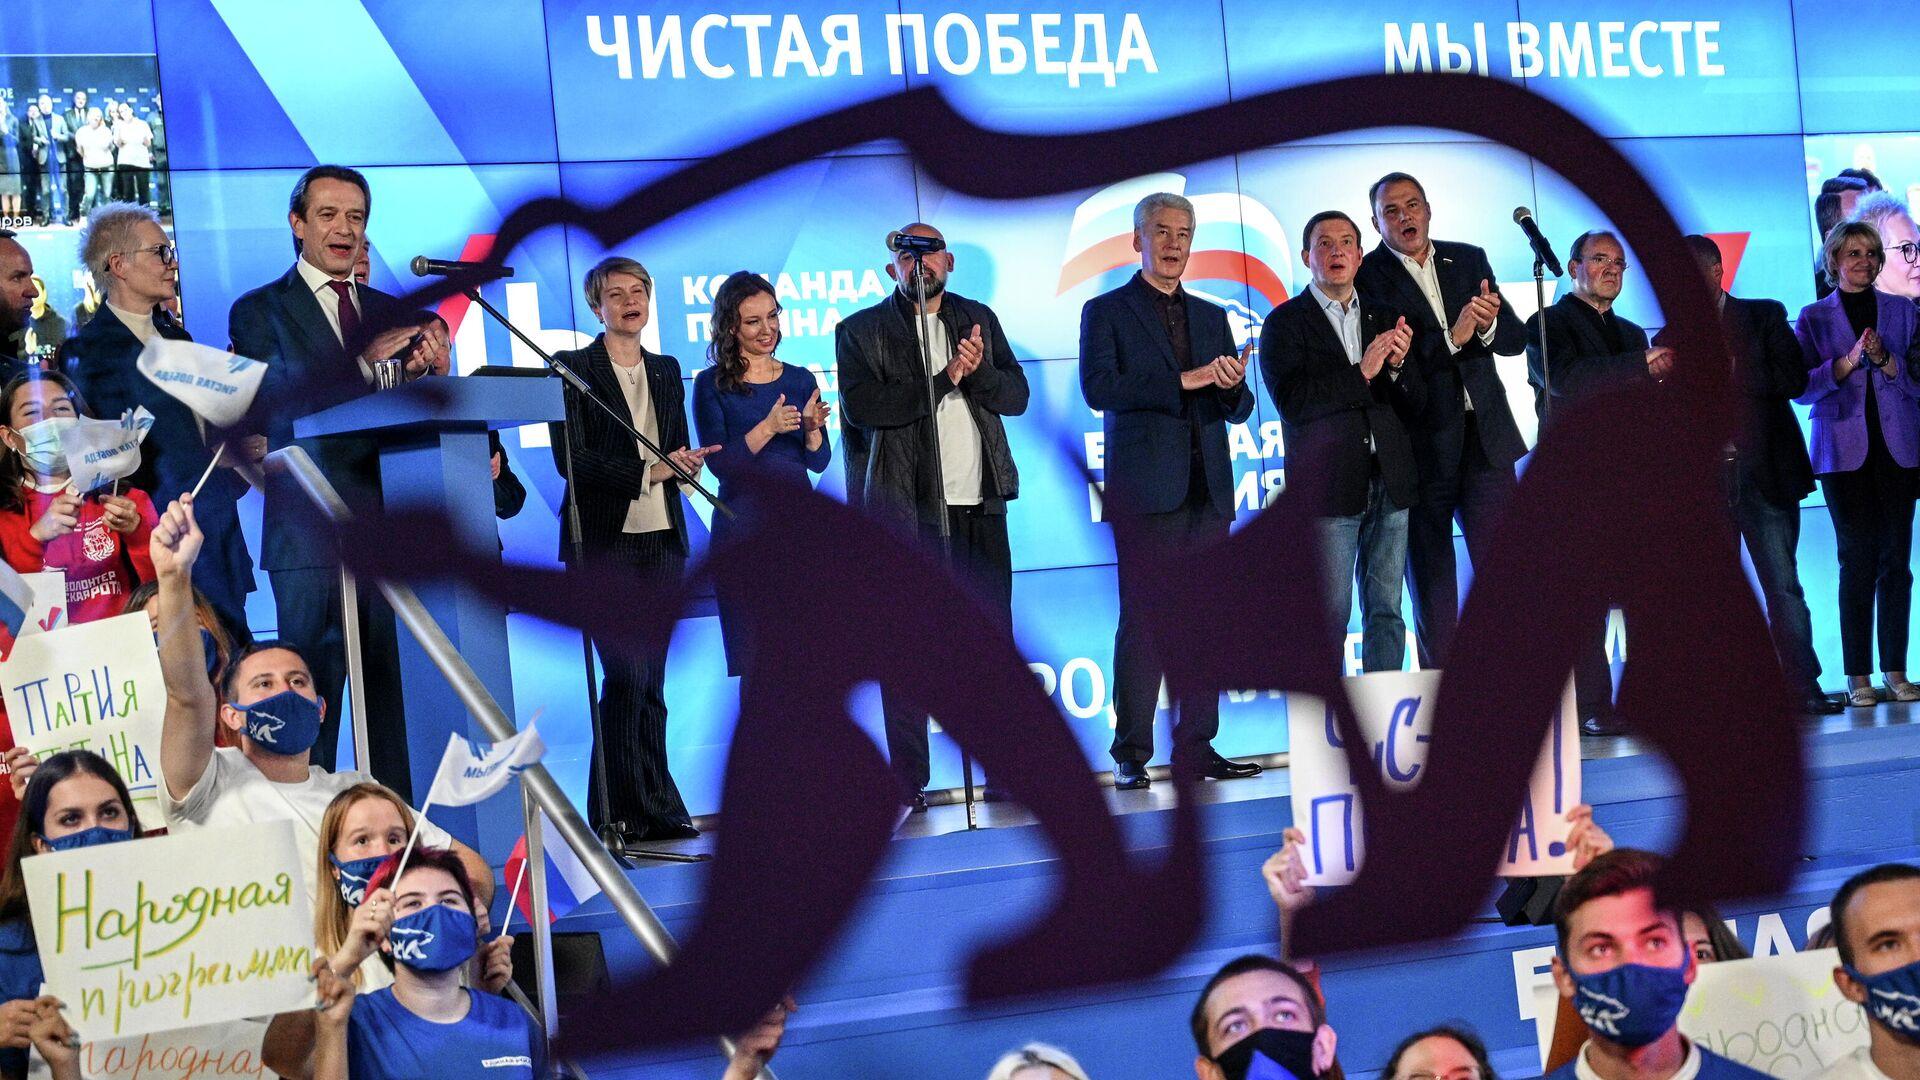 """Проценко согласился возглавить комиссию """"Единой России"""" по здравоохранению"""